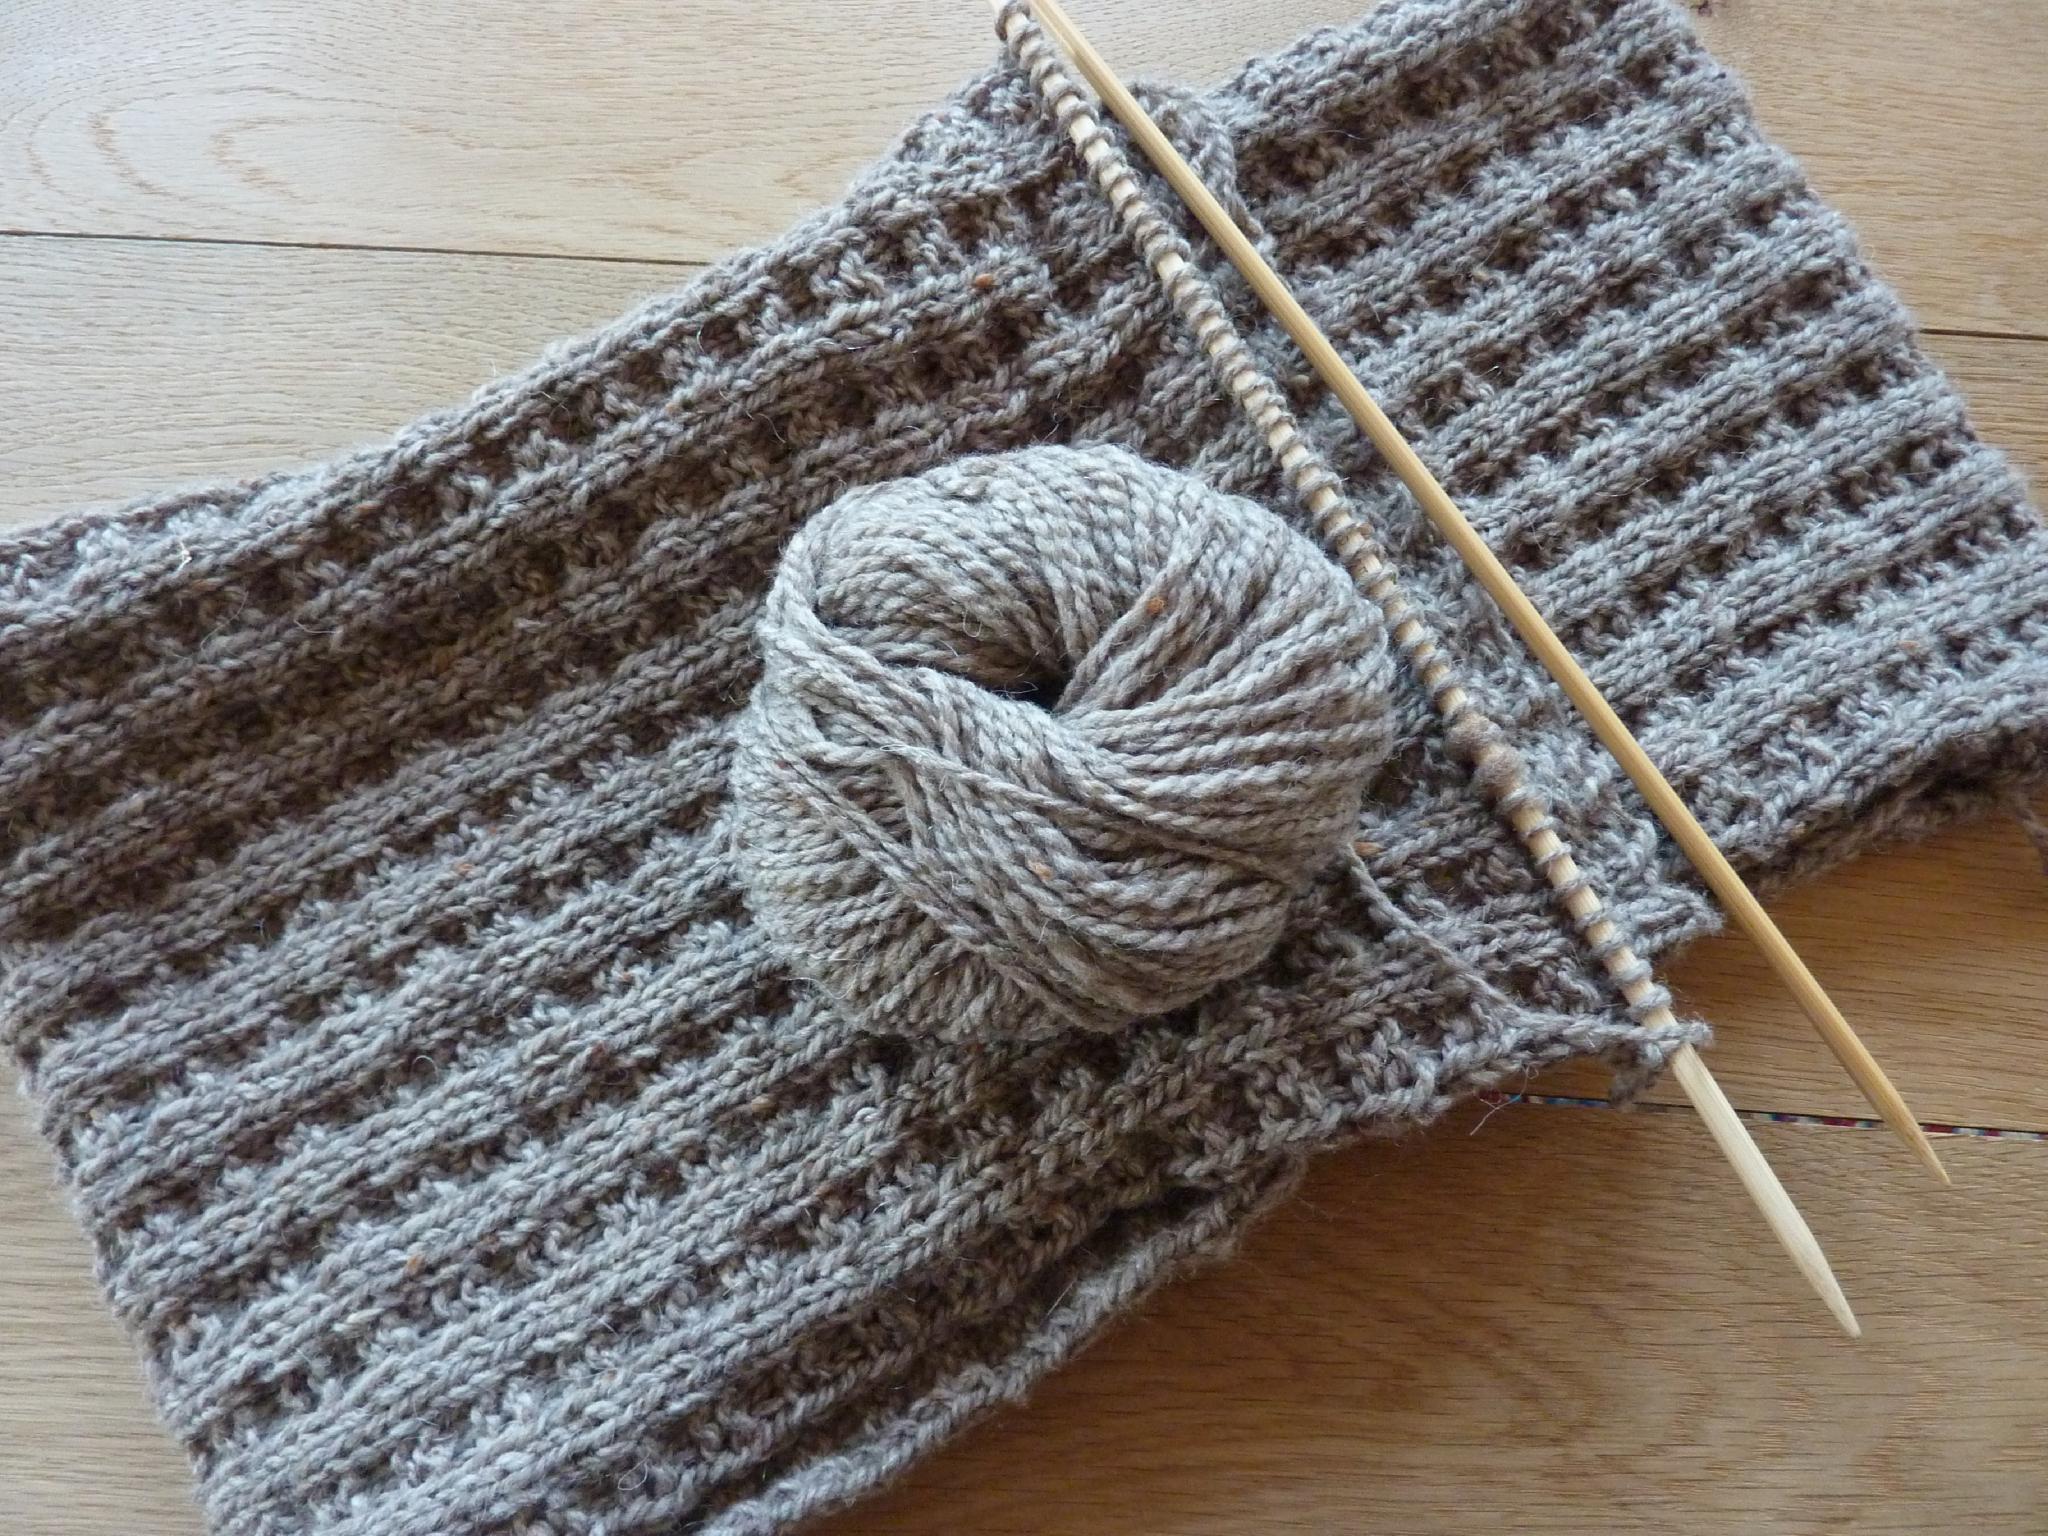 Patron echarpe a tricoter - Tricoter une echarpe en laine ...